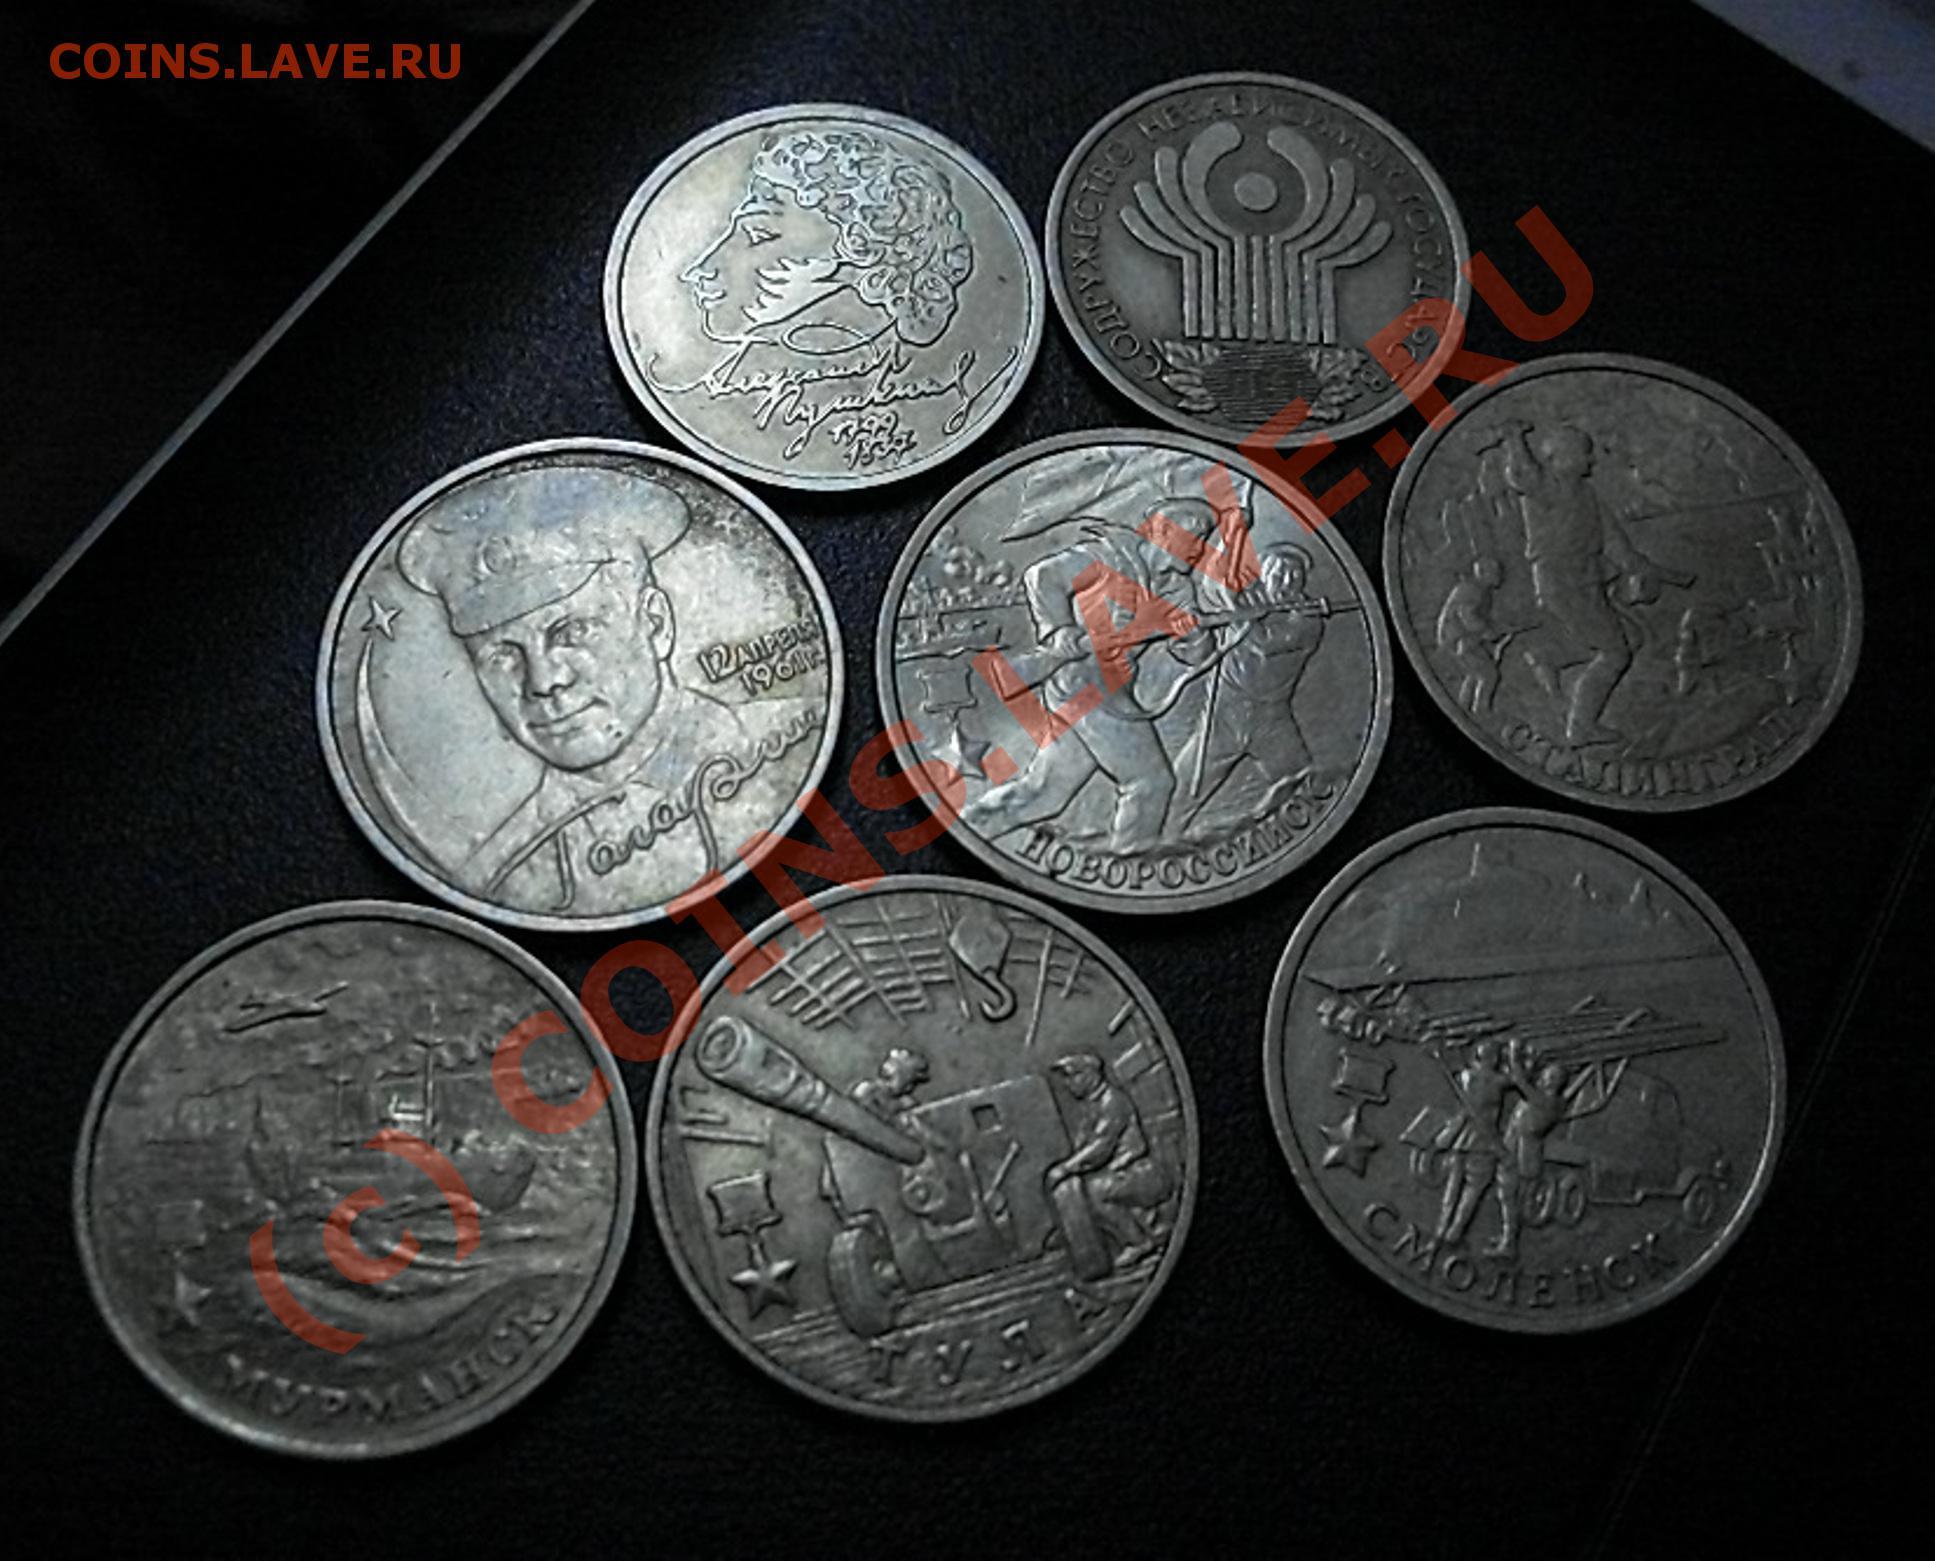 2 рубля 2012, витгенштейн с 1 рубля (обмен), коллекционирование, моделизм, монеты, россия после 1991 года, красноярск